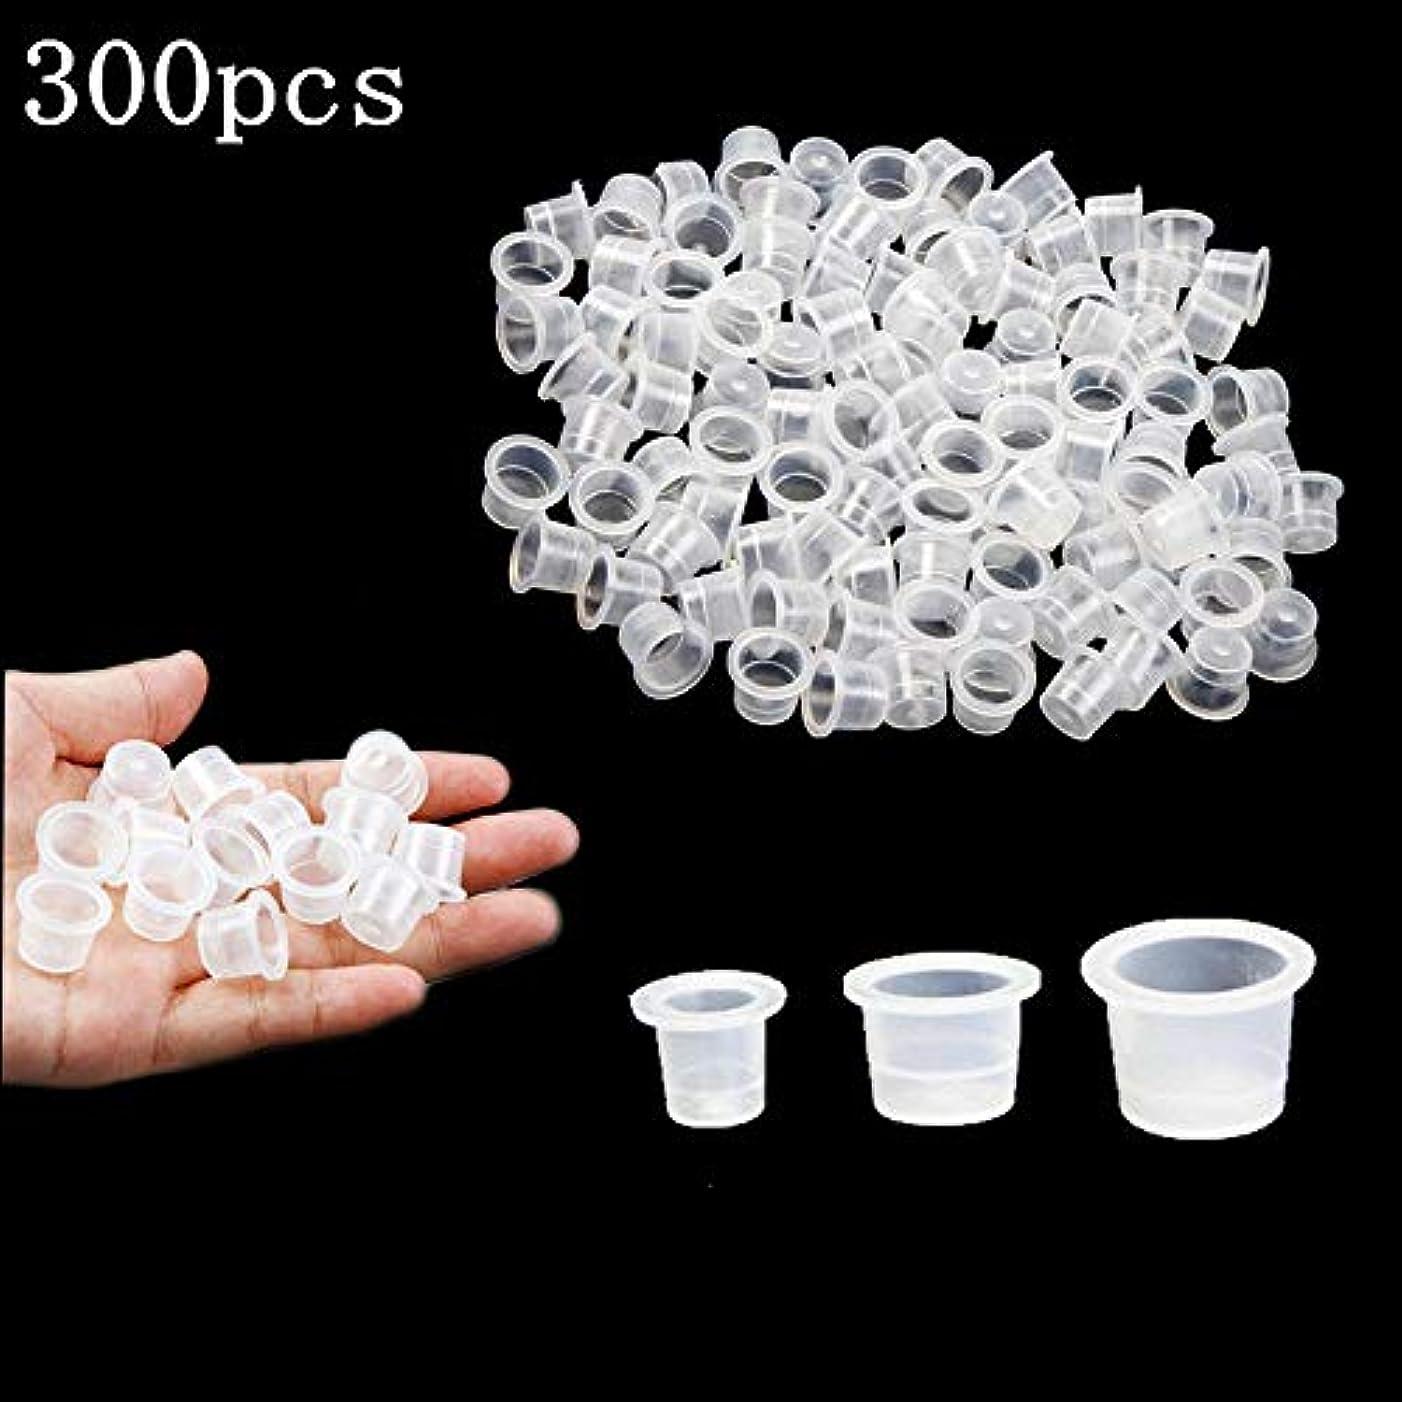 感謝している疼痛均等にKingsie インクキャップ 300個セット タトゥーインクカップ 使い捨て ホワイト 半透明 S/M/L